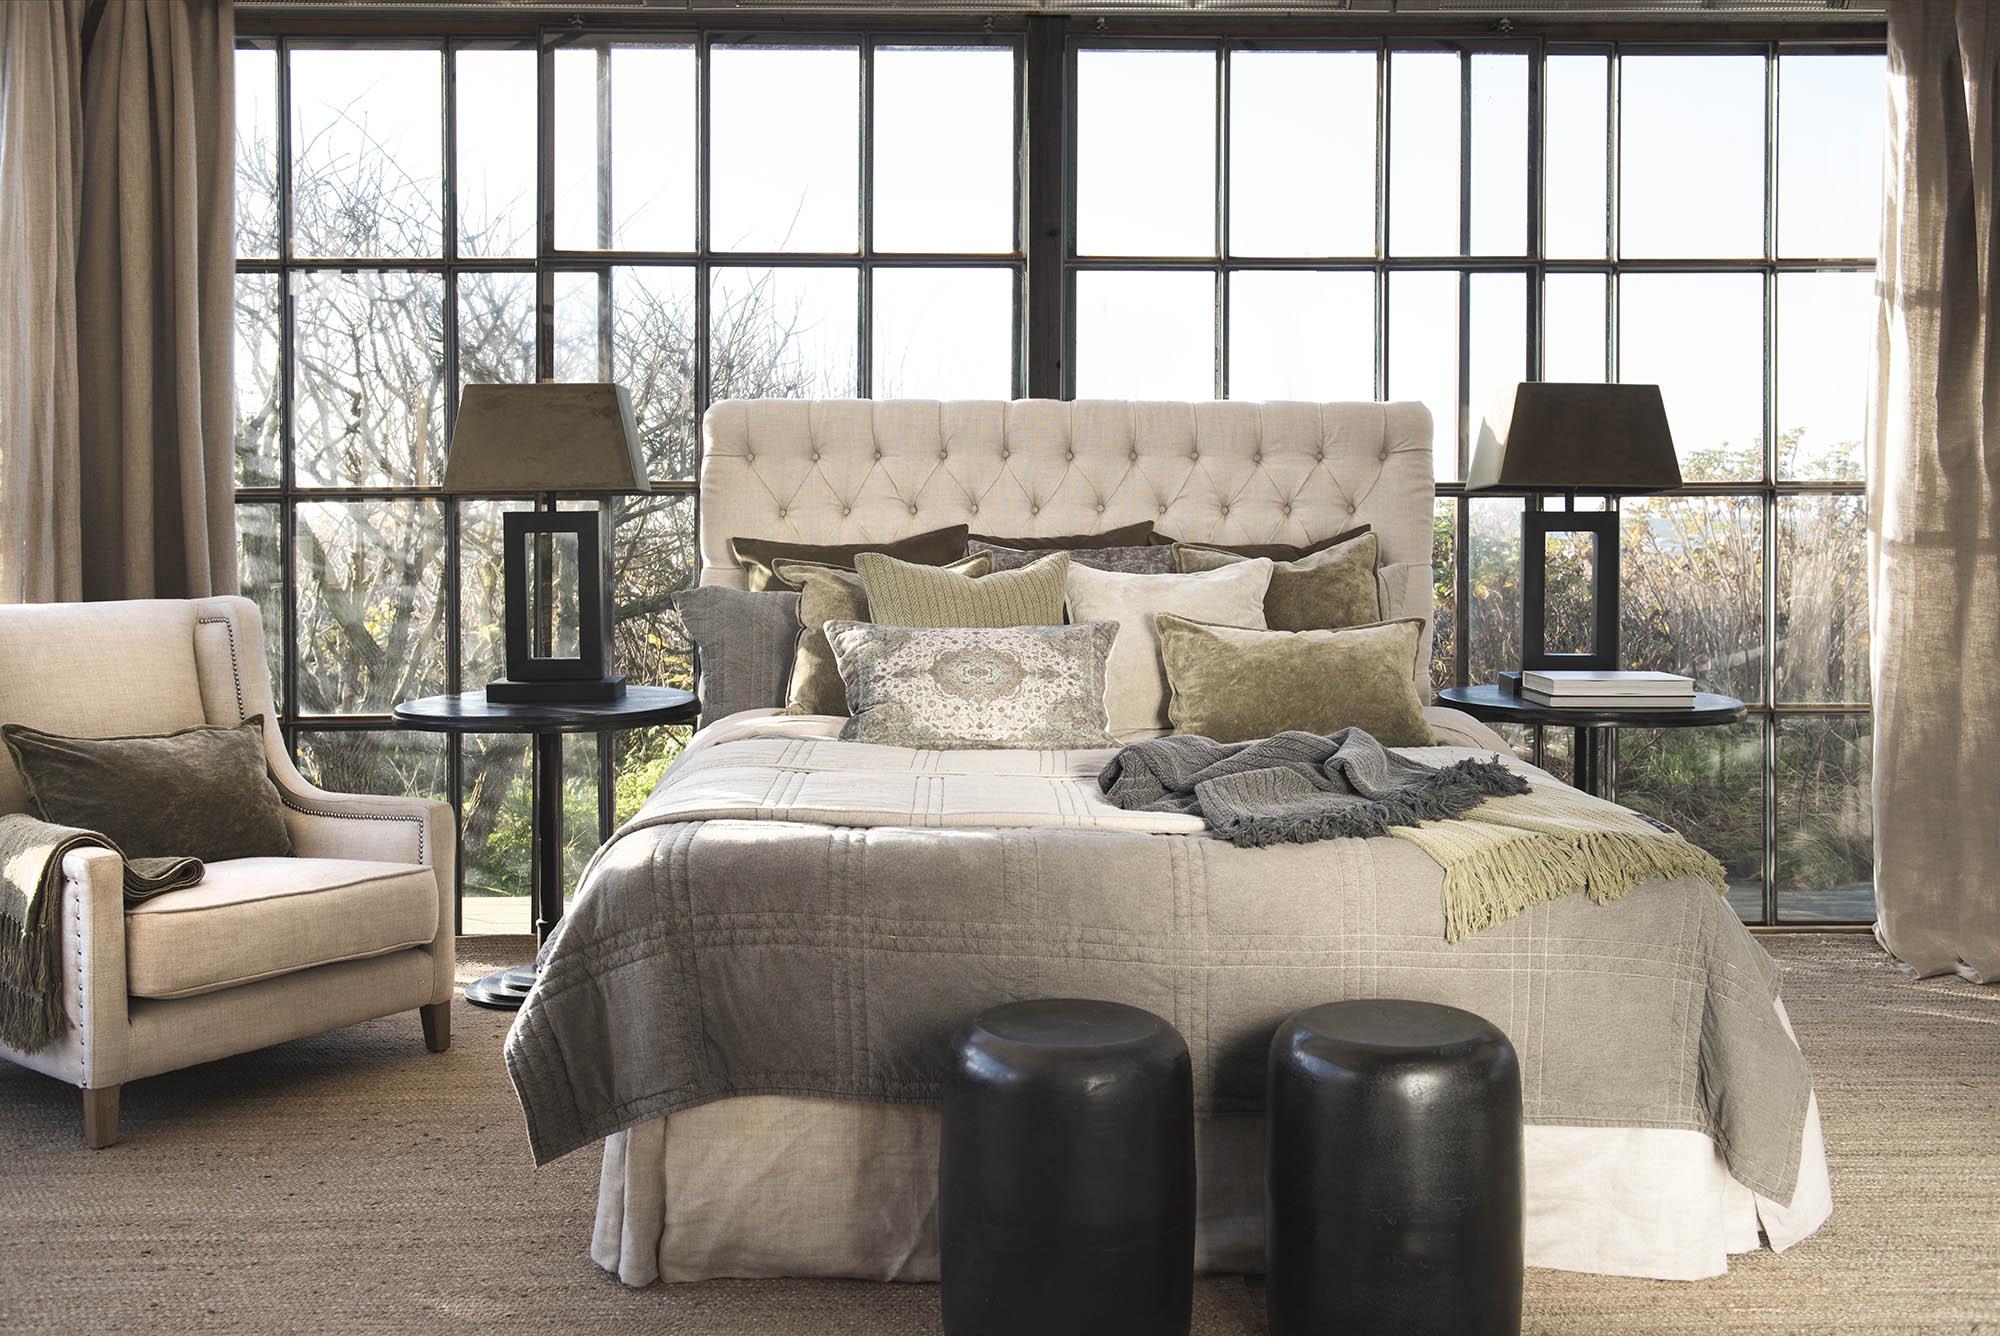 Miljöbild på säng med London sänggavel, sängkappa och Caprice överkast.